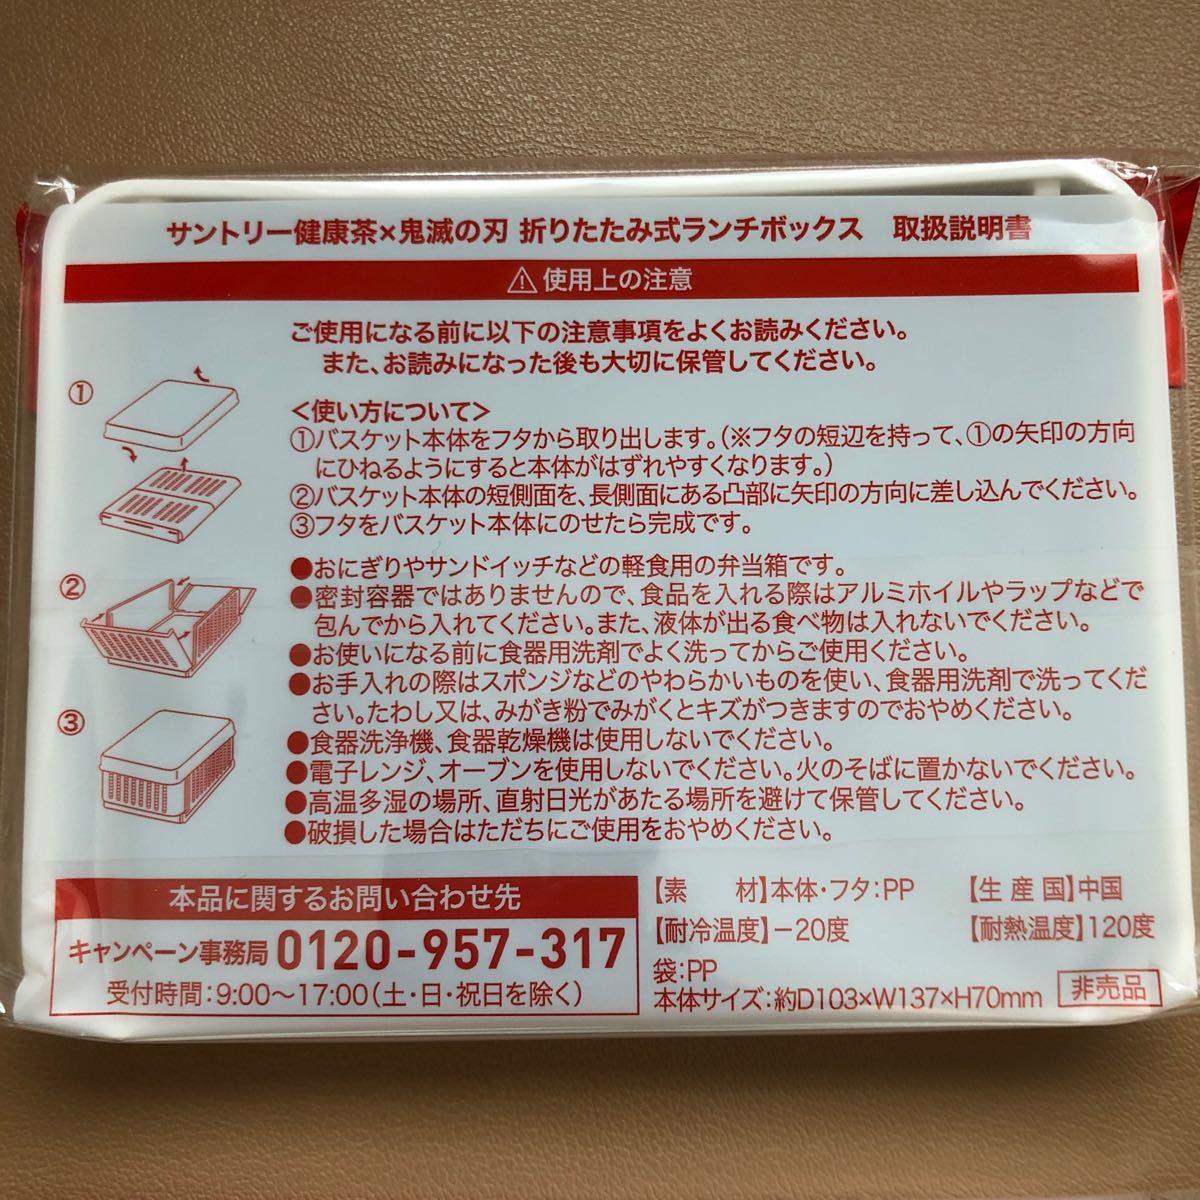 鬼滅の刃 ランチボックス サントリー健康茶キャンペーン